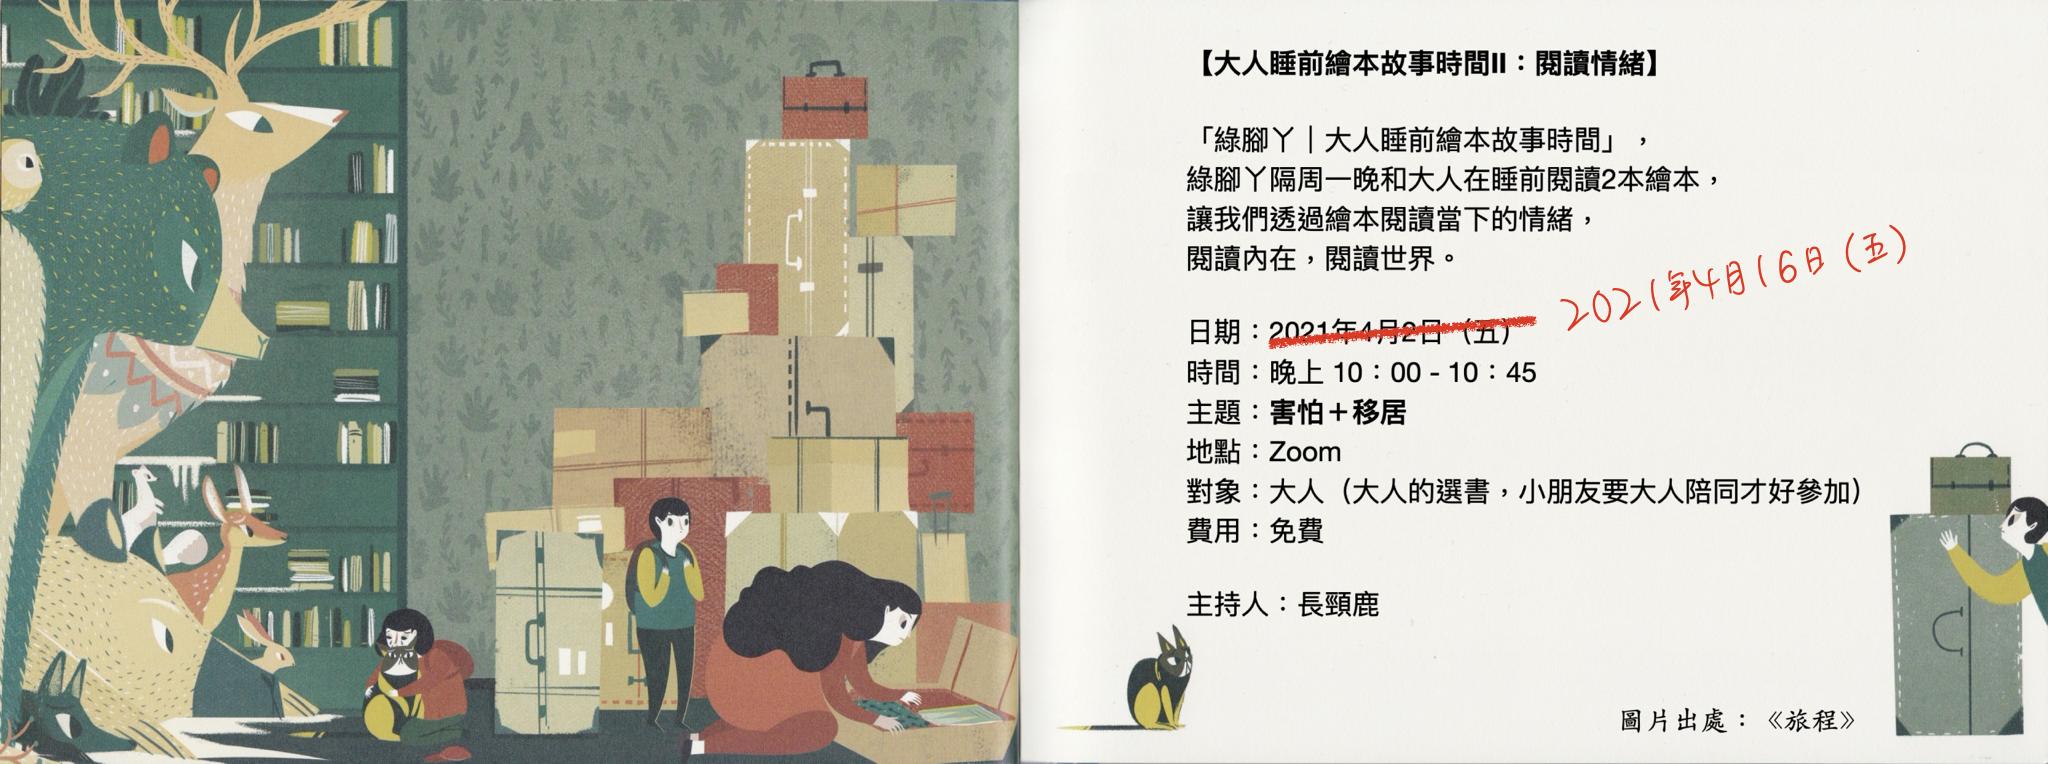 【大人睡前繪本故事時間II:閱讀情緒】